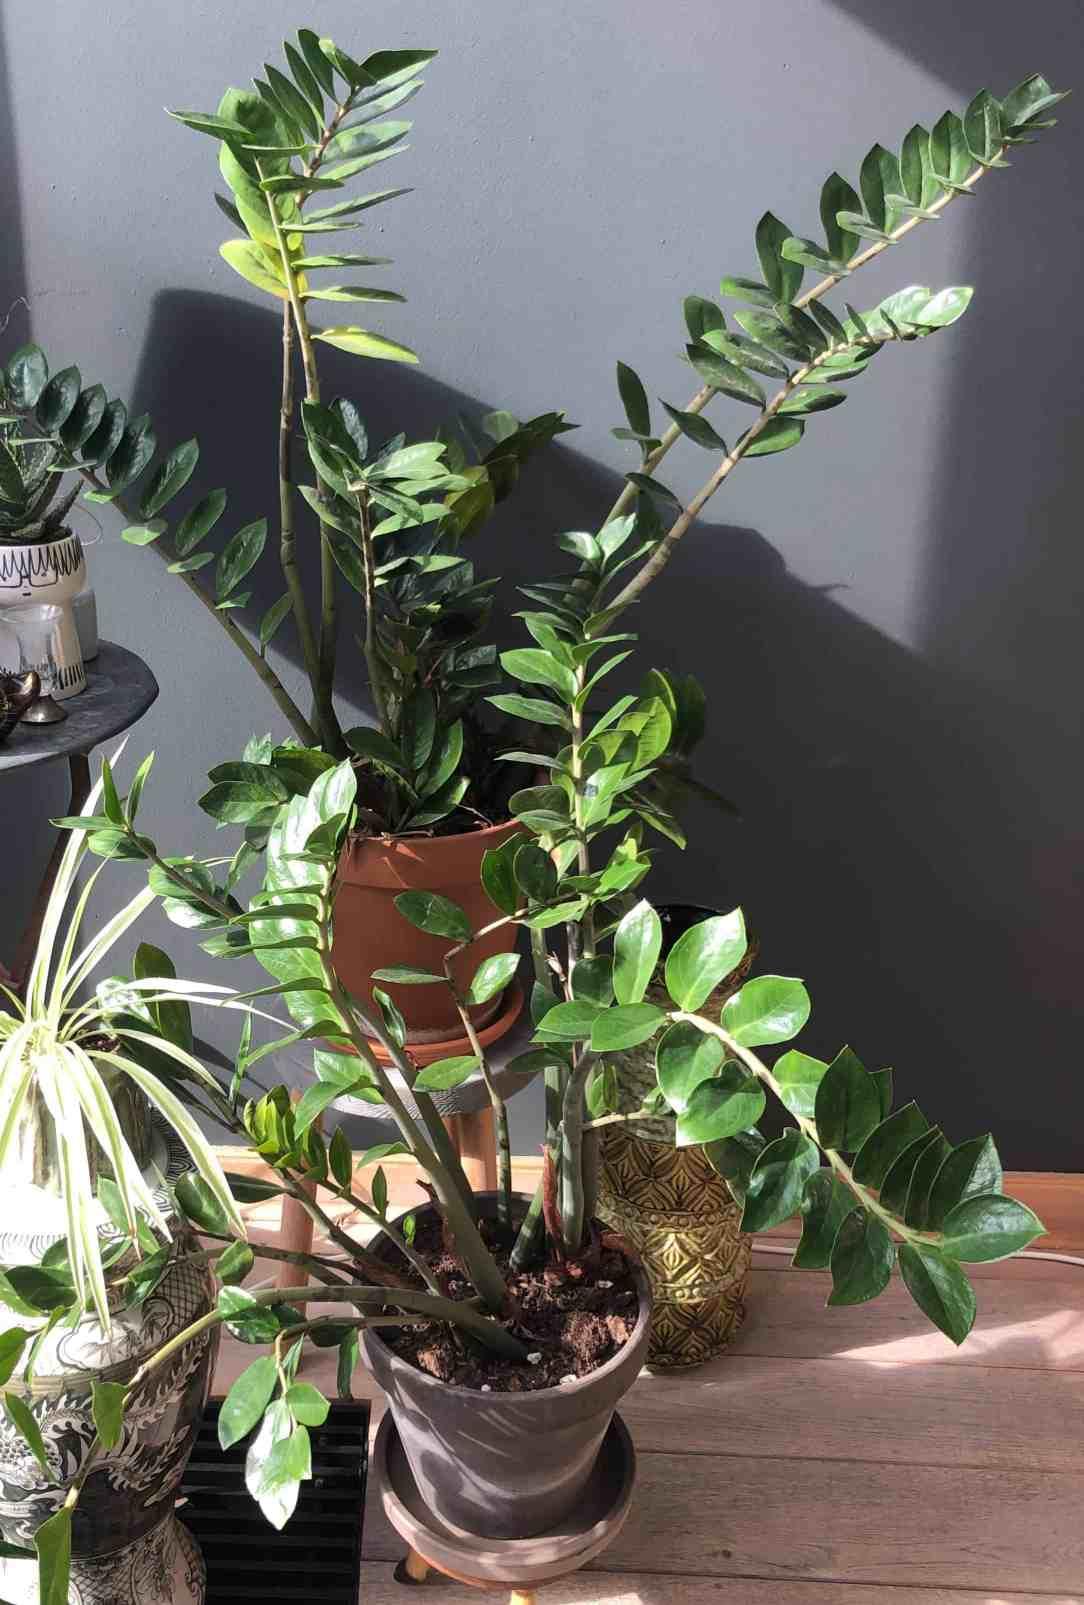 donkere muur met planten